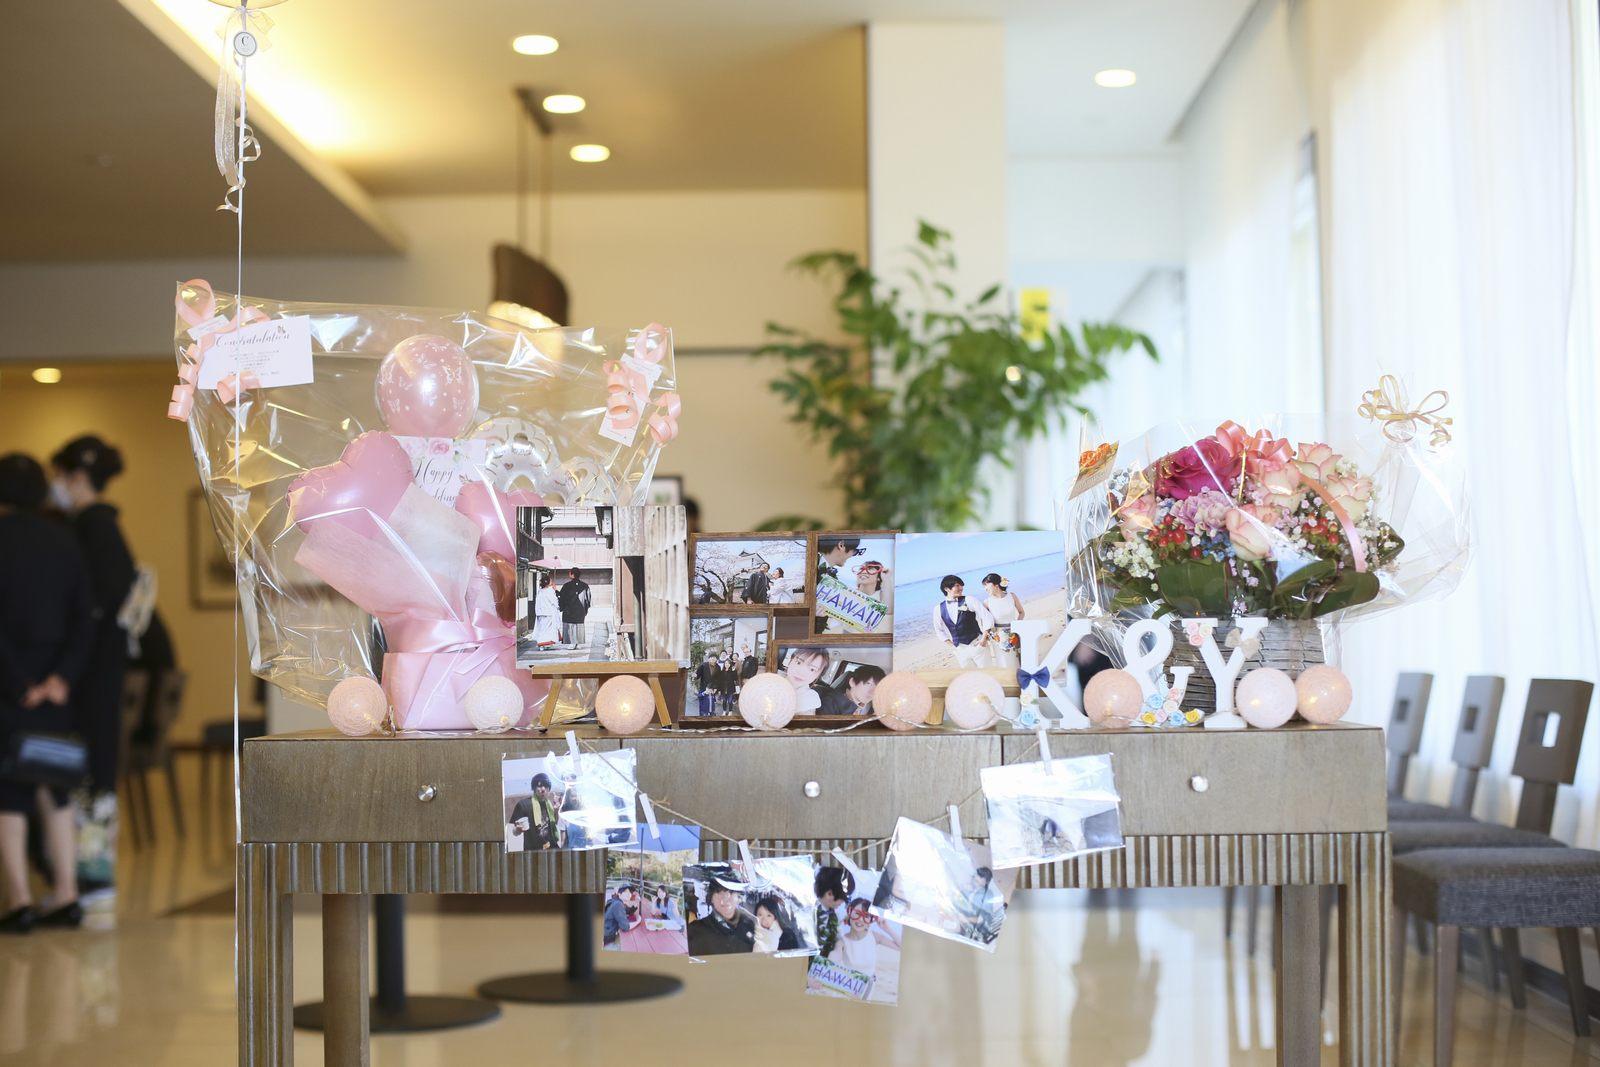 徳島市の結婚式場ブランアンジュで受付周辺に飾ったグッズ